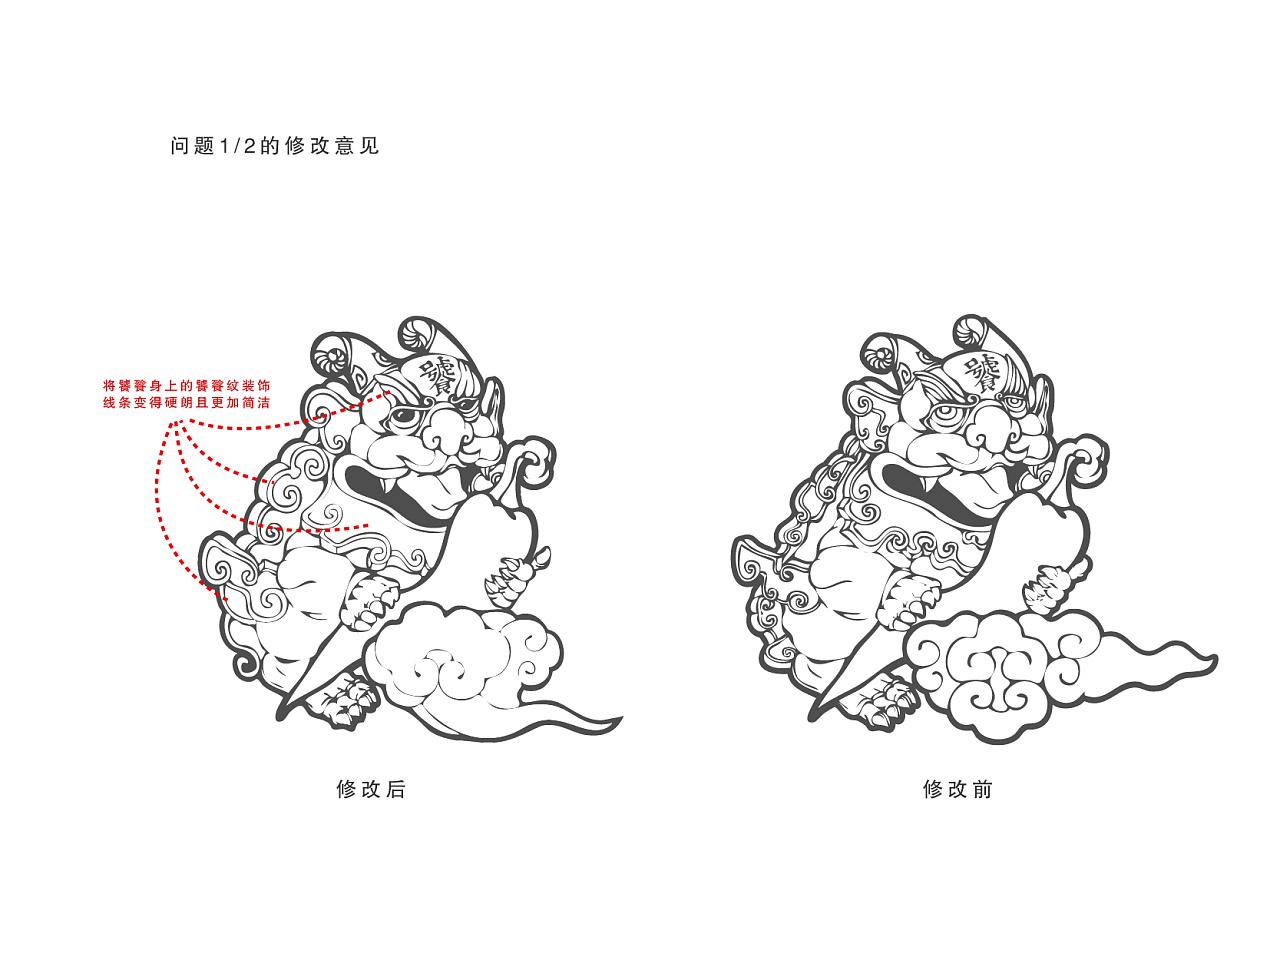 根据当地博物馆(重庆博物馆/火锅博物馆)多见的饕餮纹窗格确定了以龙